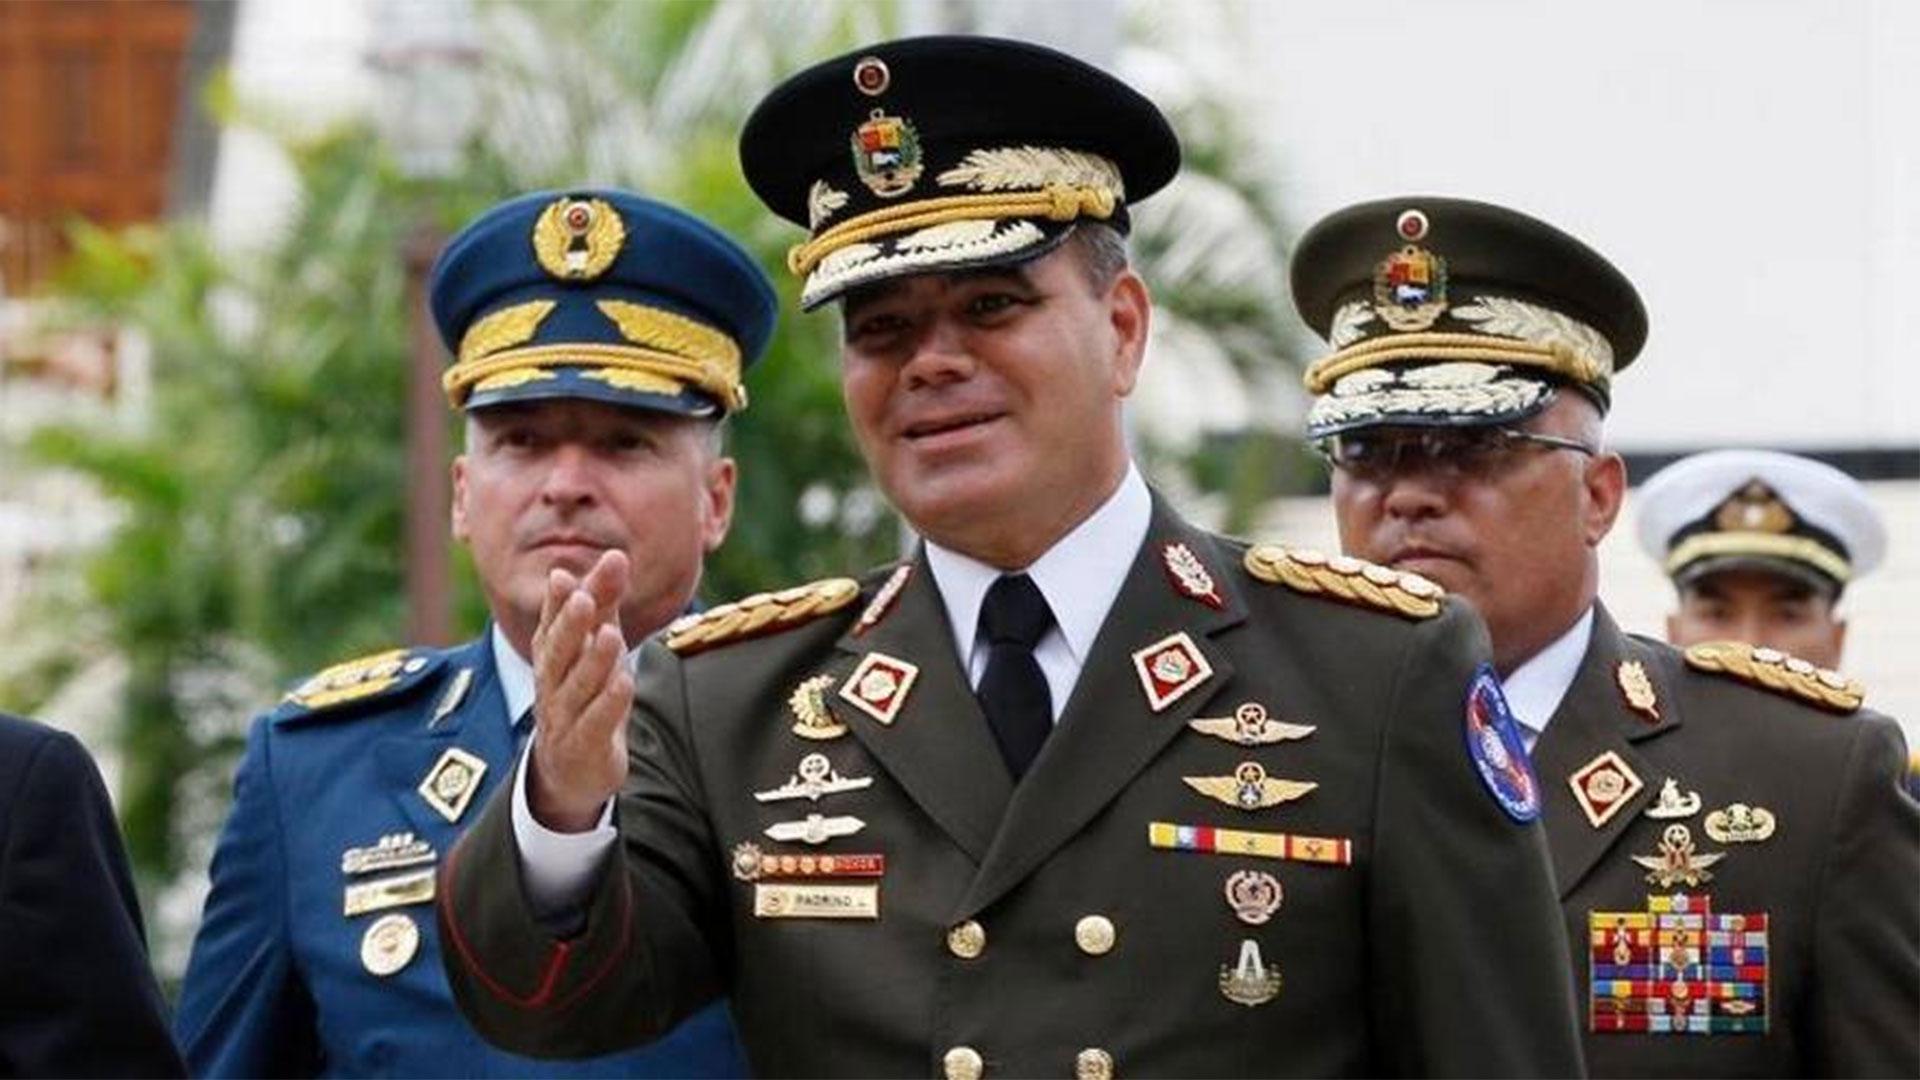 Cómo era y por qué falló el pacto entre Vladimir Padrino y los Estados  Unidos para detener o expulsar a Maduro - Infobae